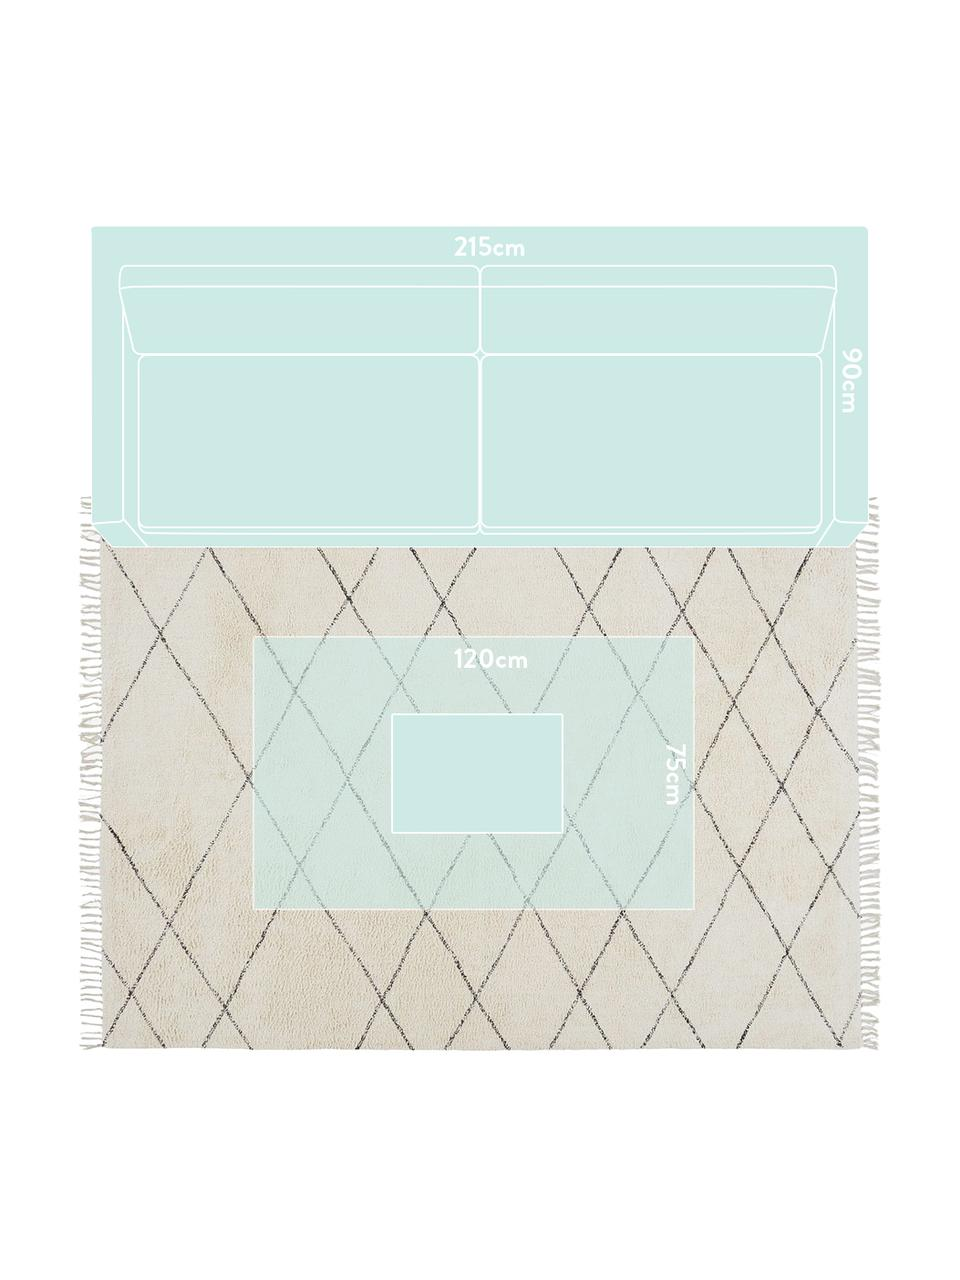 Baumwollteppich Less mit Rautenmuster, 100% Baumwolle, Gebrochenes Weiß, Schwarz, B 200 x L 300 cm (Größe L)